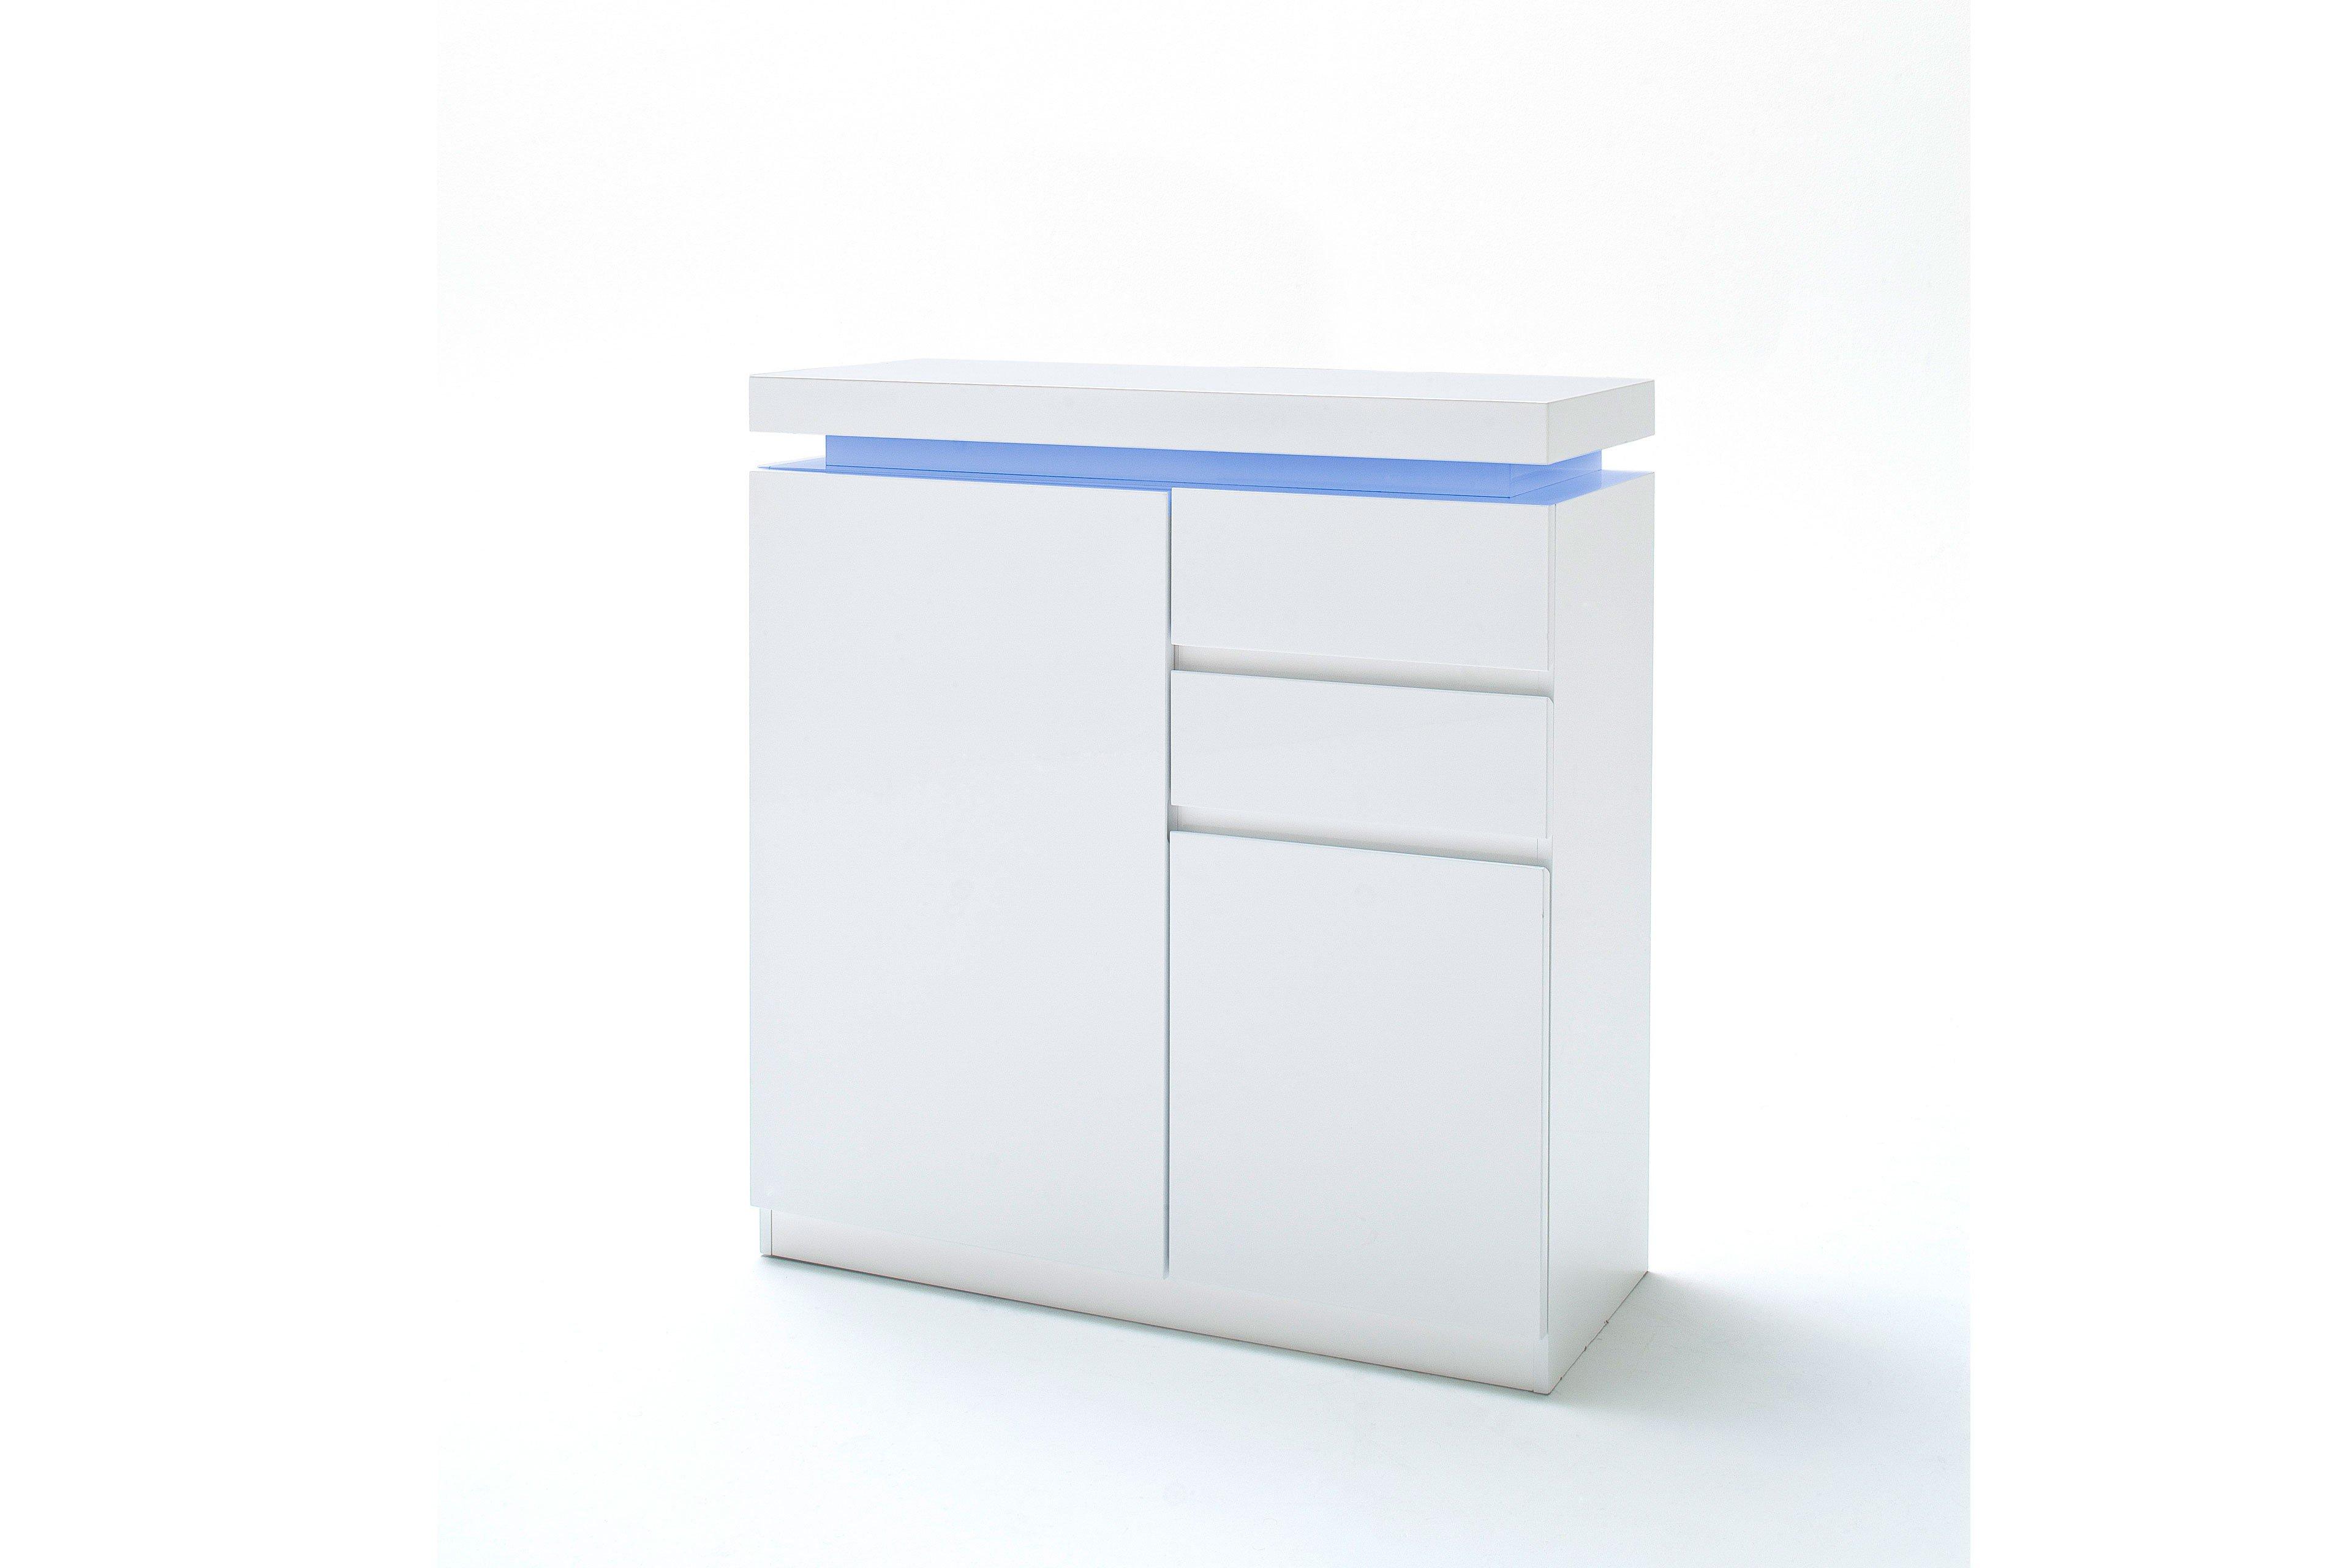 Favorit Garderobe Jarid Hochglanz Lack weiß - MCA furniture. Möbel Letz YG97